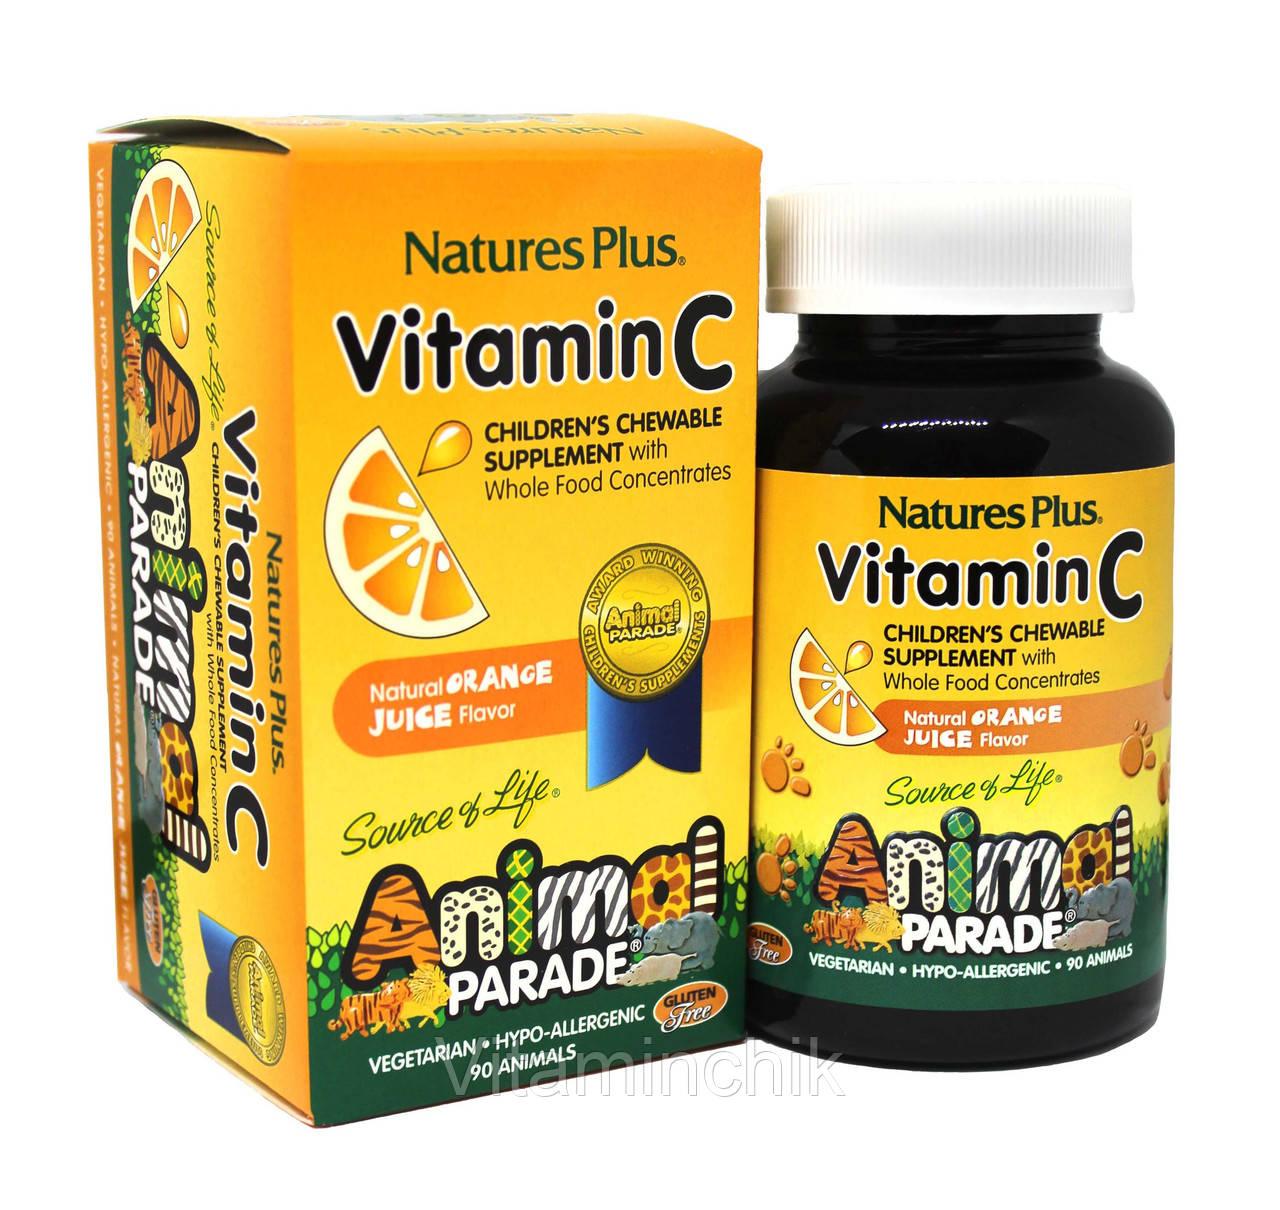 Витамин С для Детей, Вкус Апельсина, Animal Parade, Natures Plus, 90 жевательных таблеток